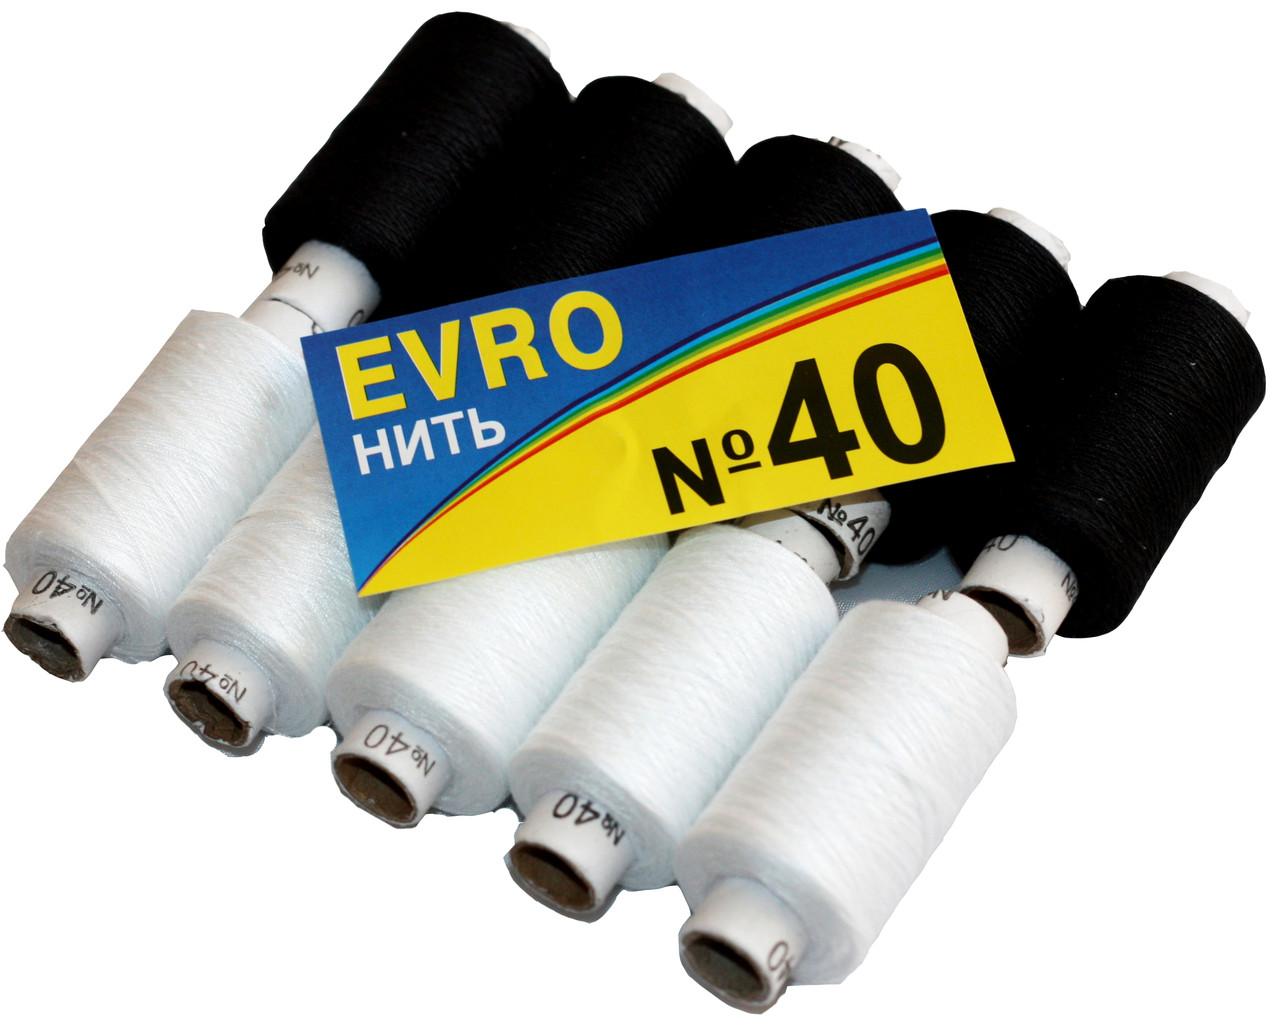 """Нитки швейные EVRO №40 """"Гигант"""" (10 катушек) черные+белые, полиэстер"""